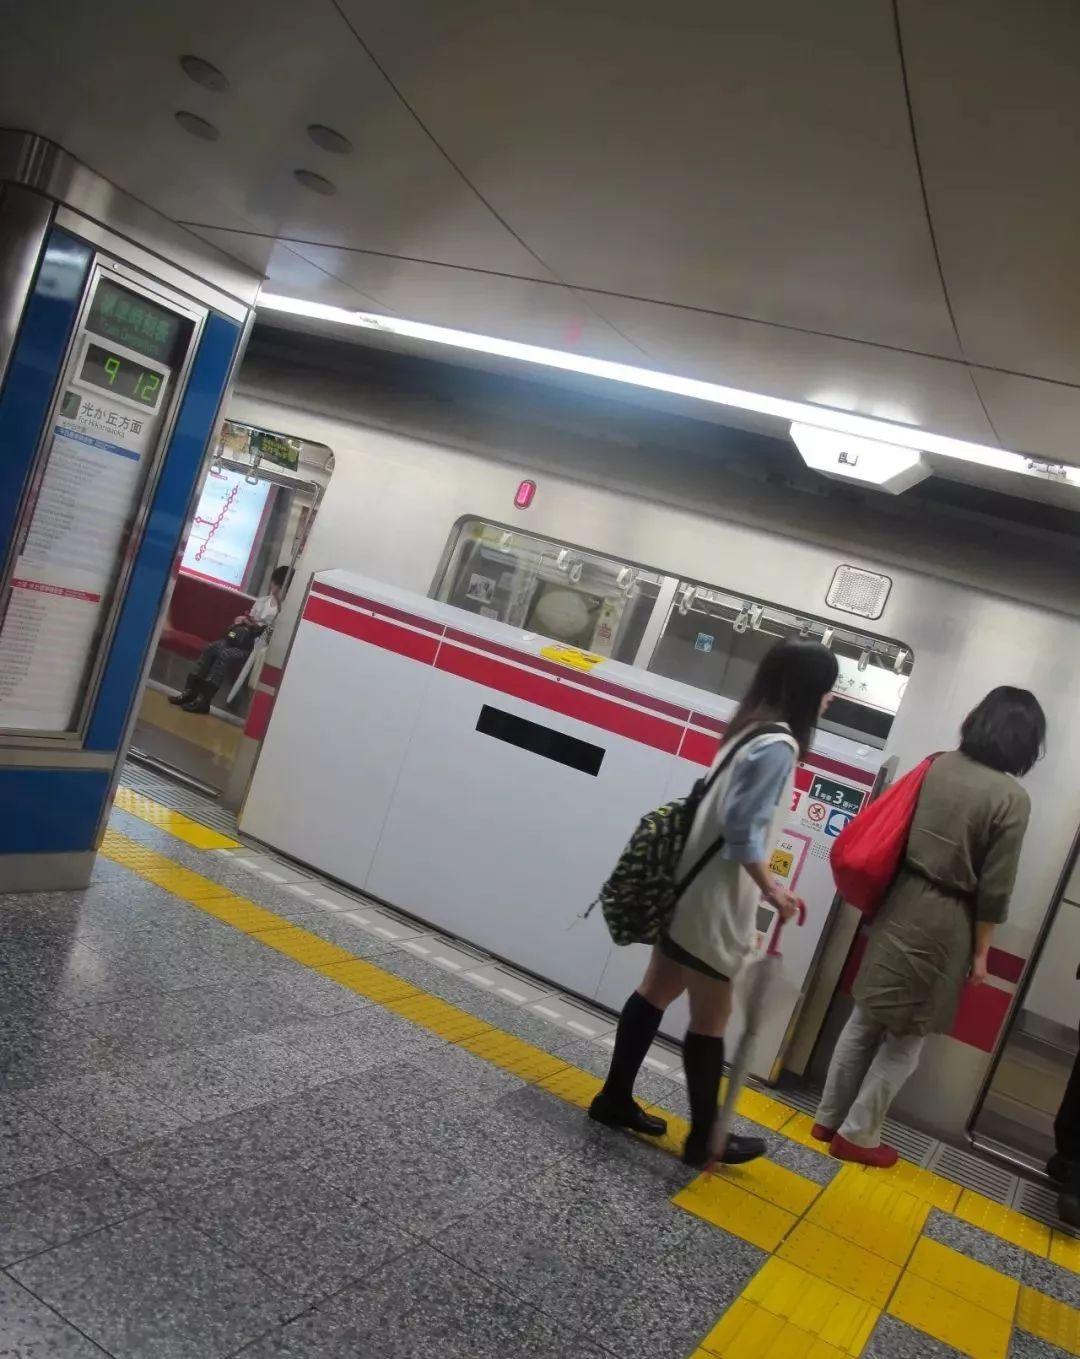 日本,暖心而又可怕的100个细节